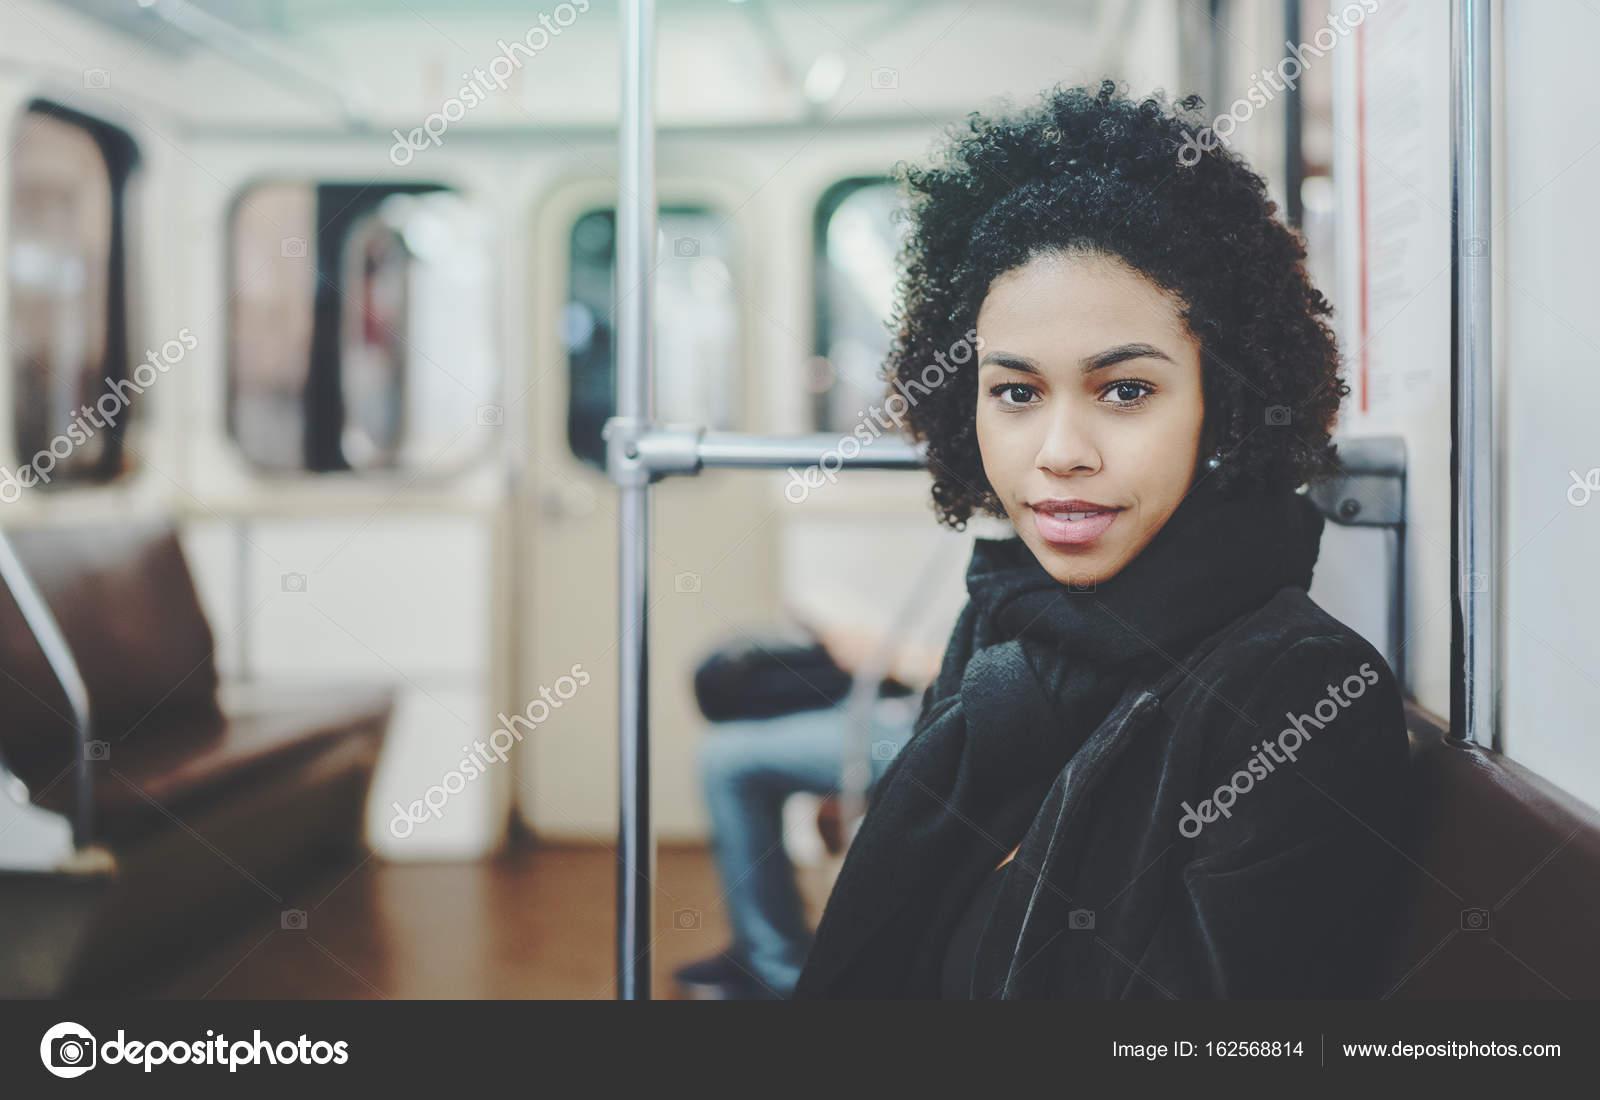 młode nastolatki heban czarny czarna wdowa seks animowany